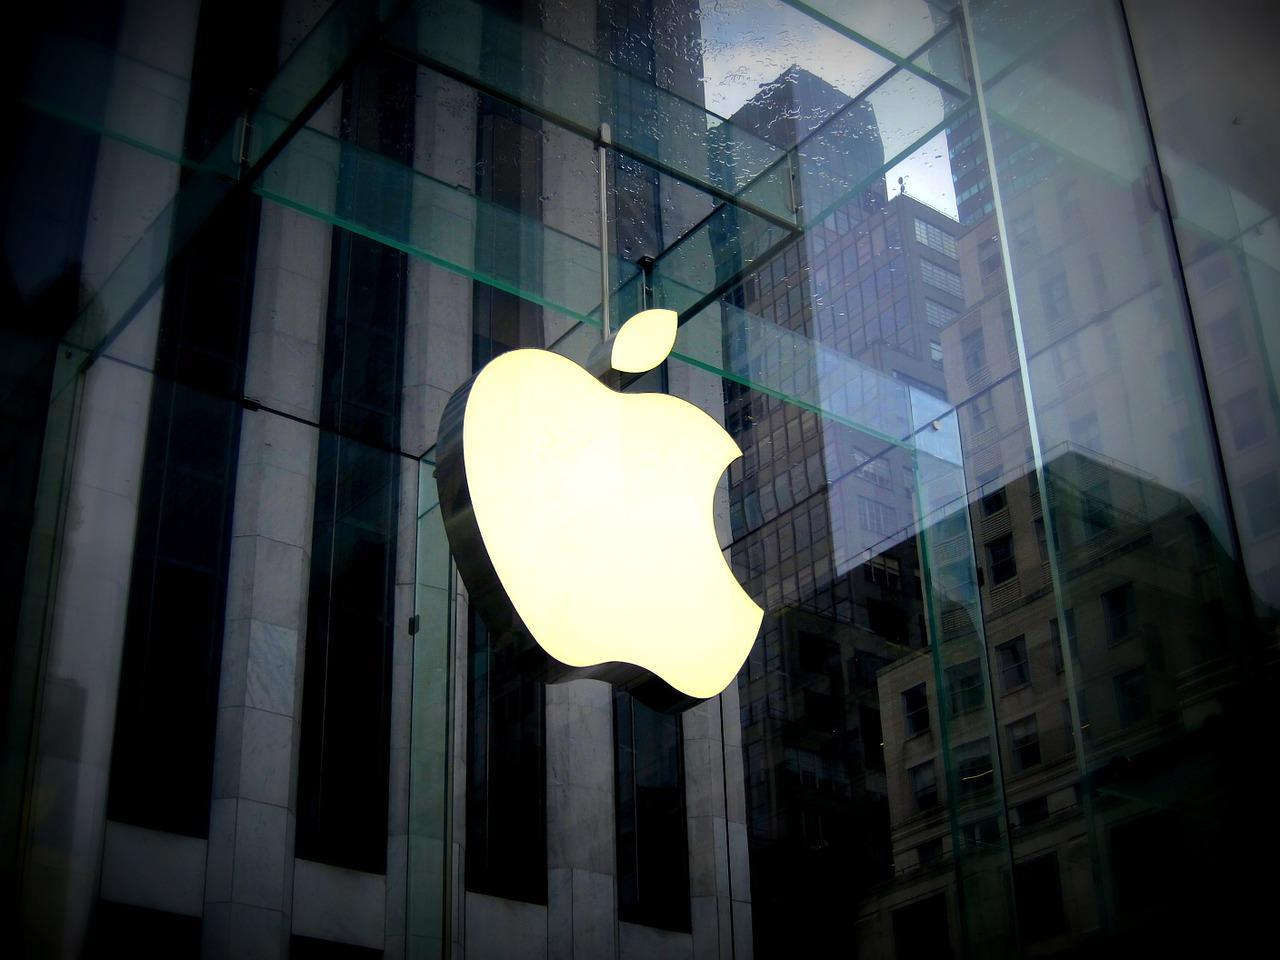 Apple пригрозила сотрудникам увольнением за всевозможные утечки информации вСМИ